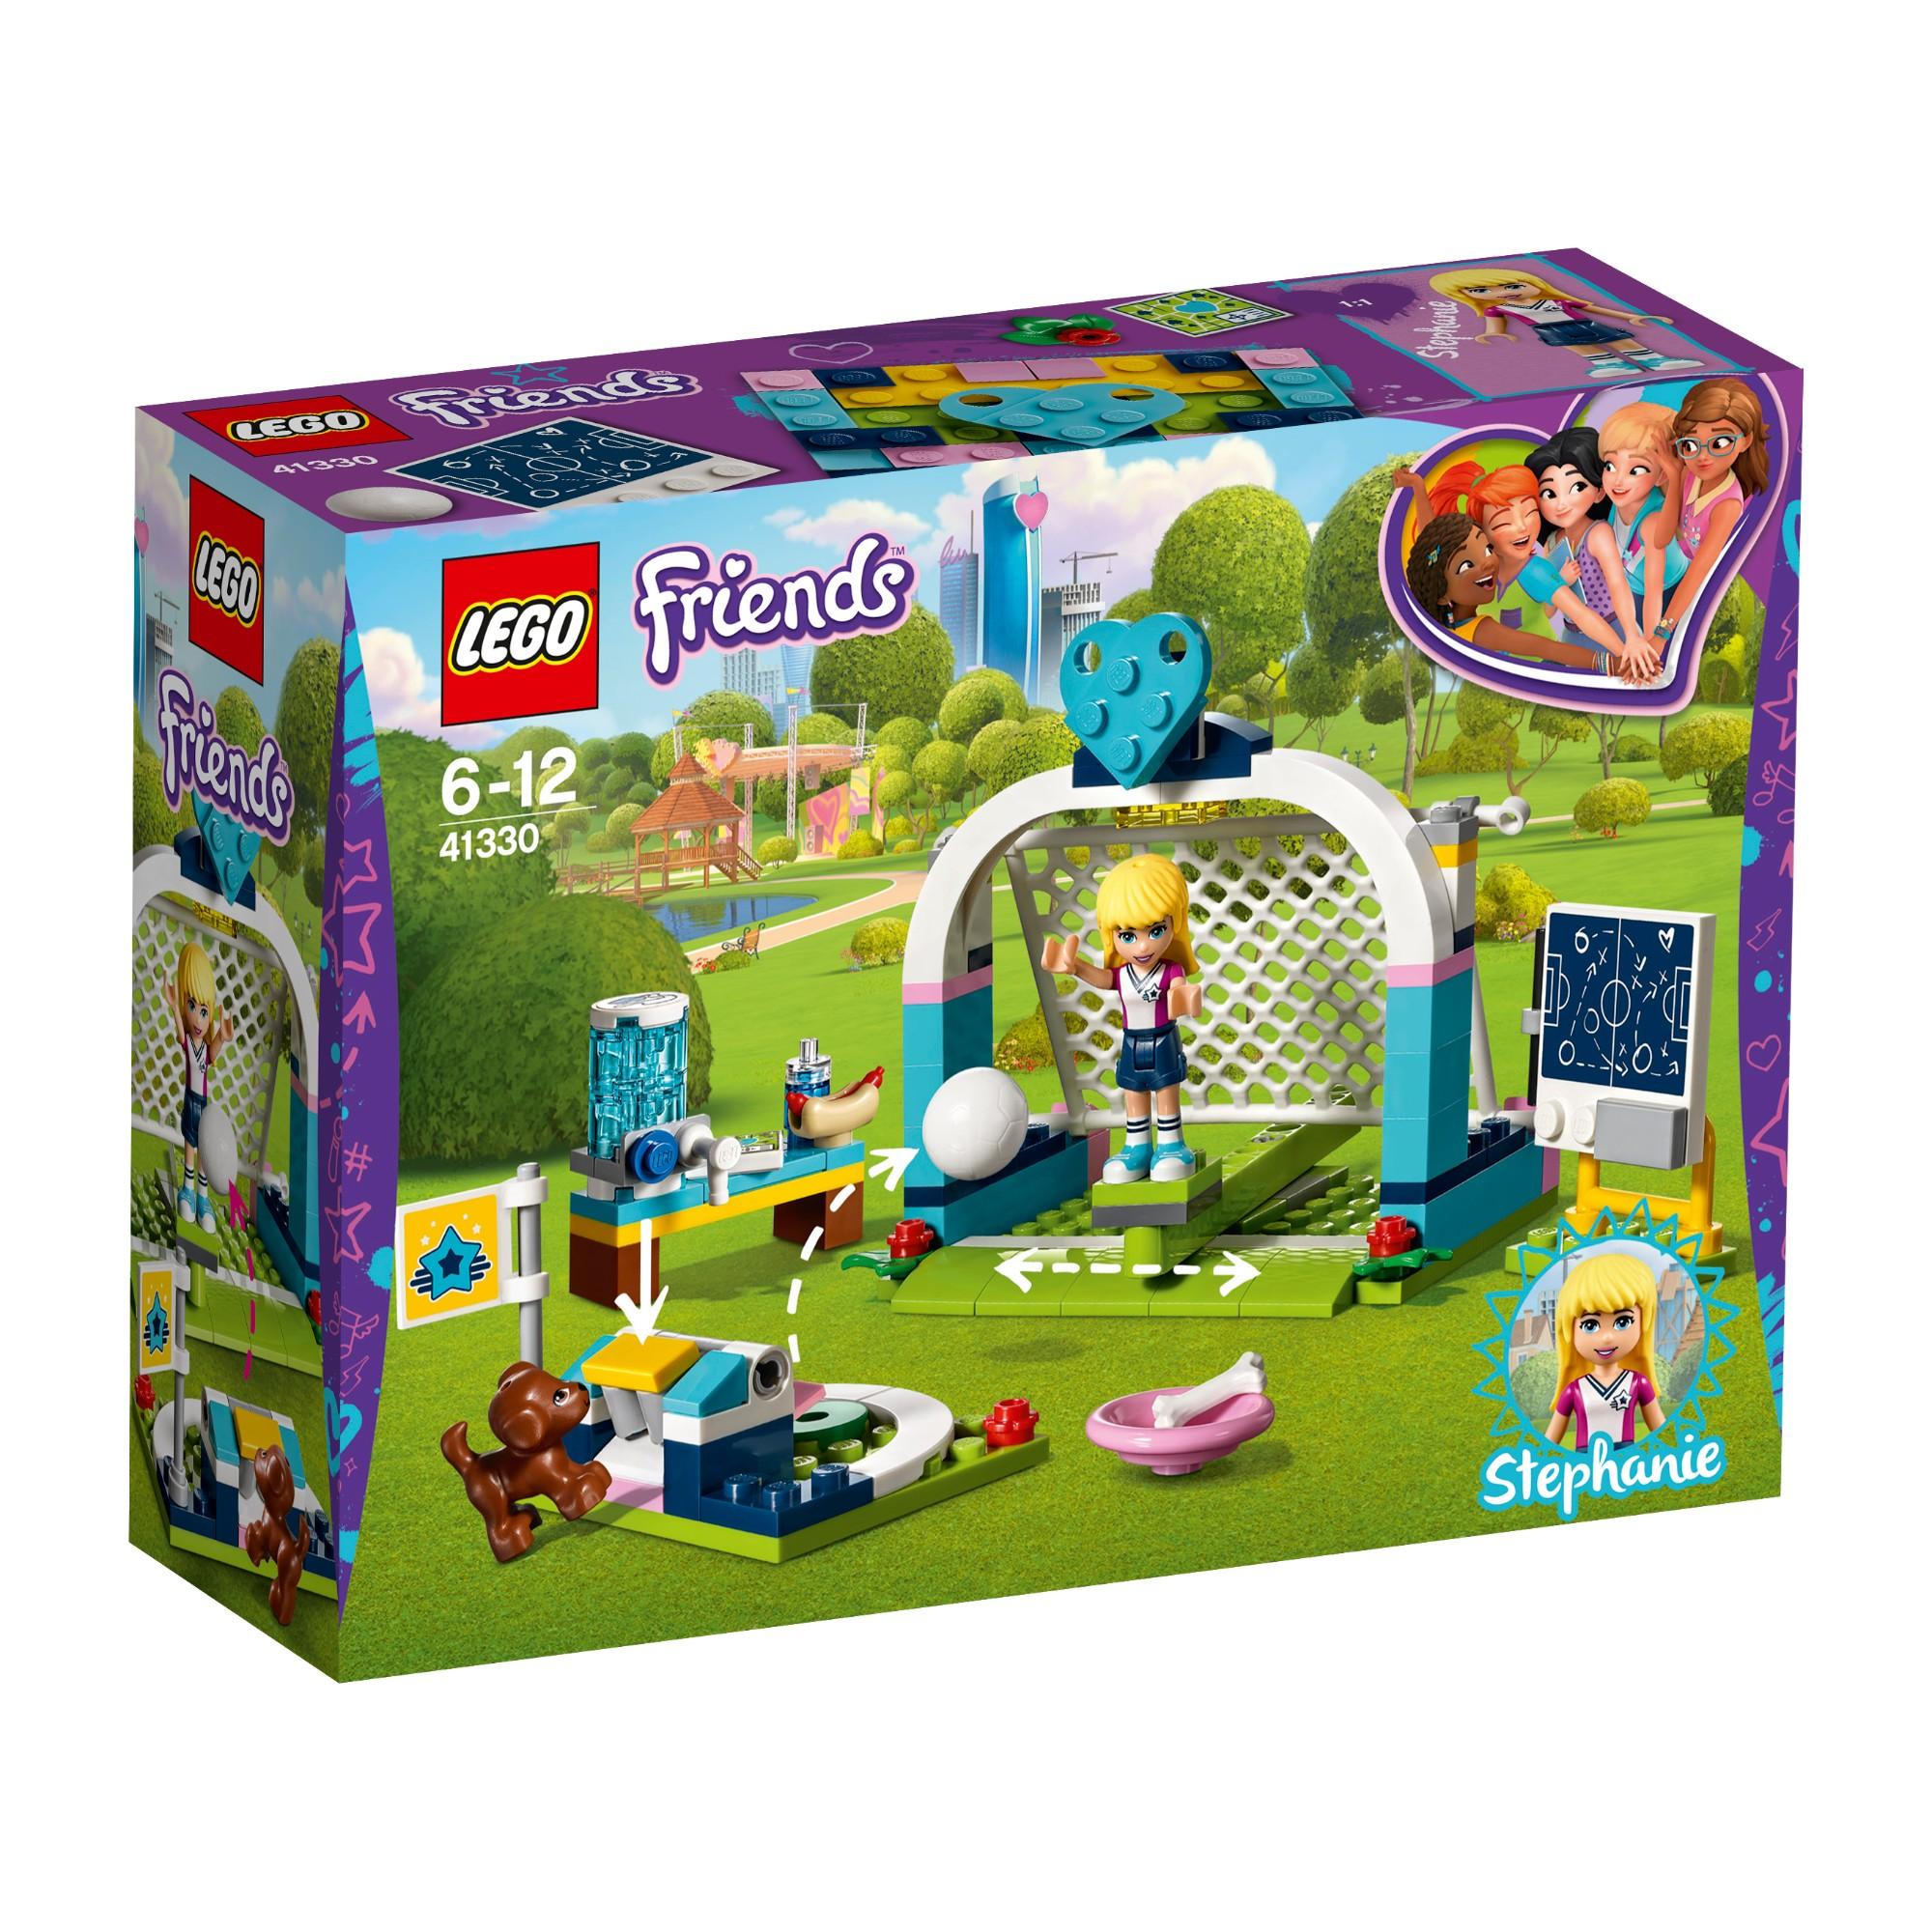 Konstruktorius LEGO FRIENDS Stephanie futbolo treniruotė 6-12 metų vaikams (41330)